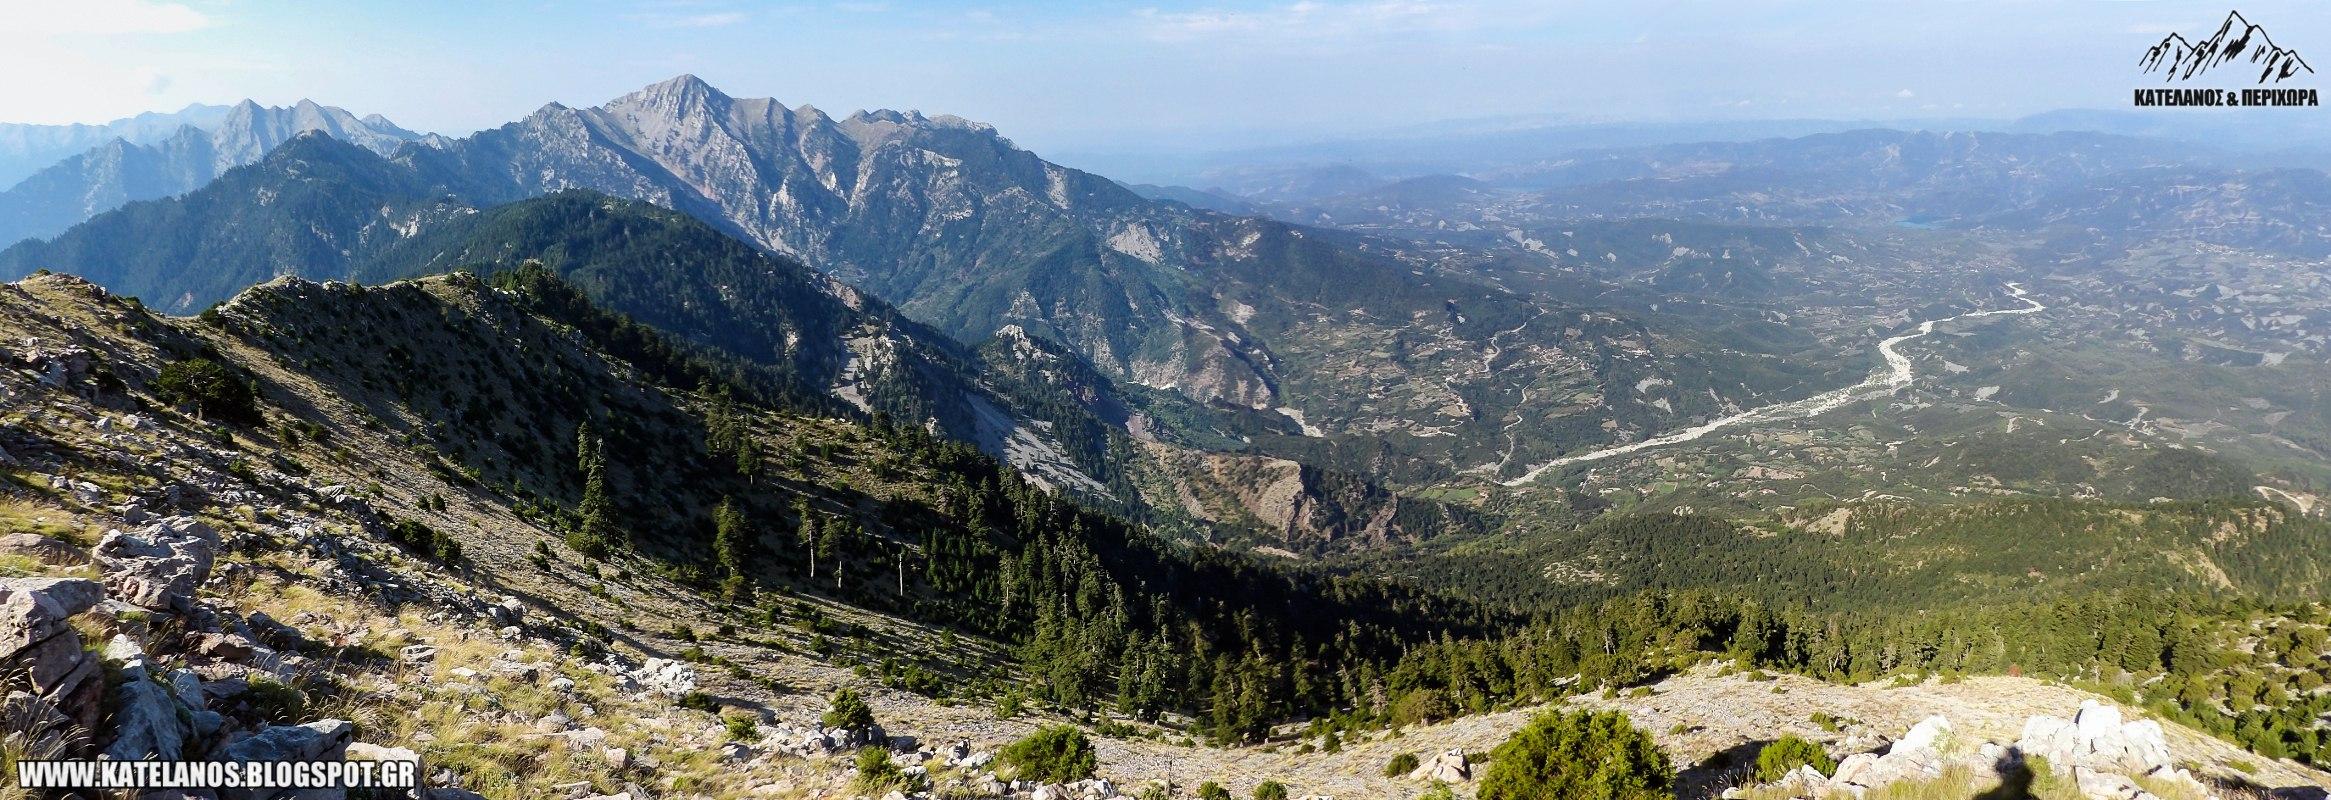 βουνα της χουνης αιτωλοακαρνανιας τσοκα κουτουπας